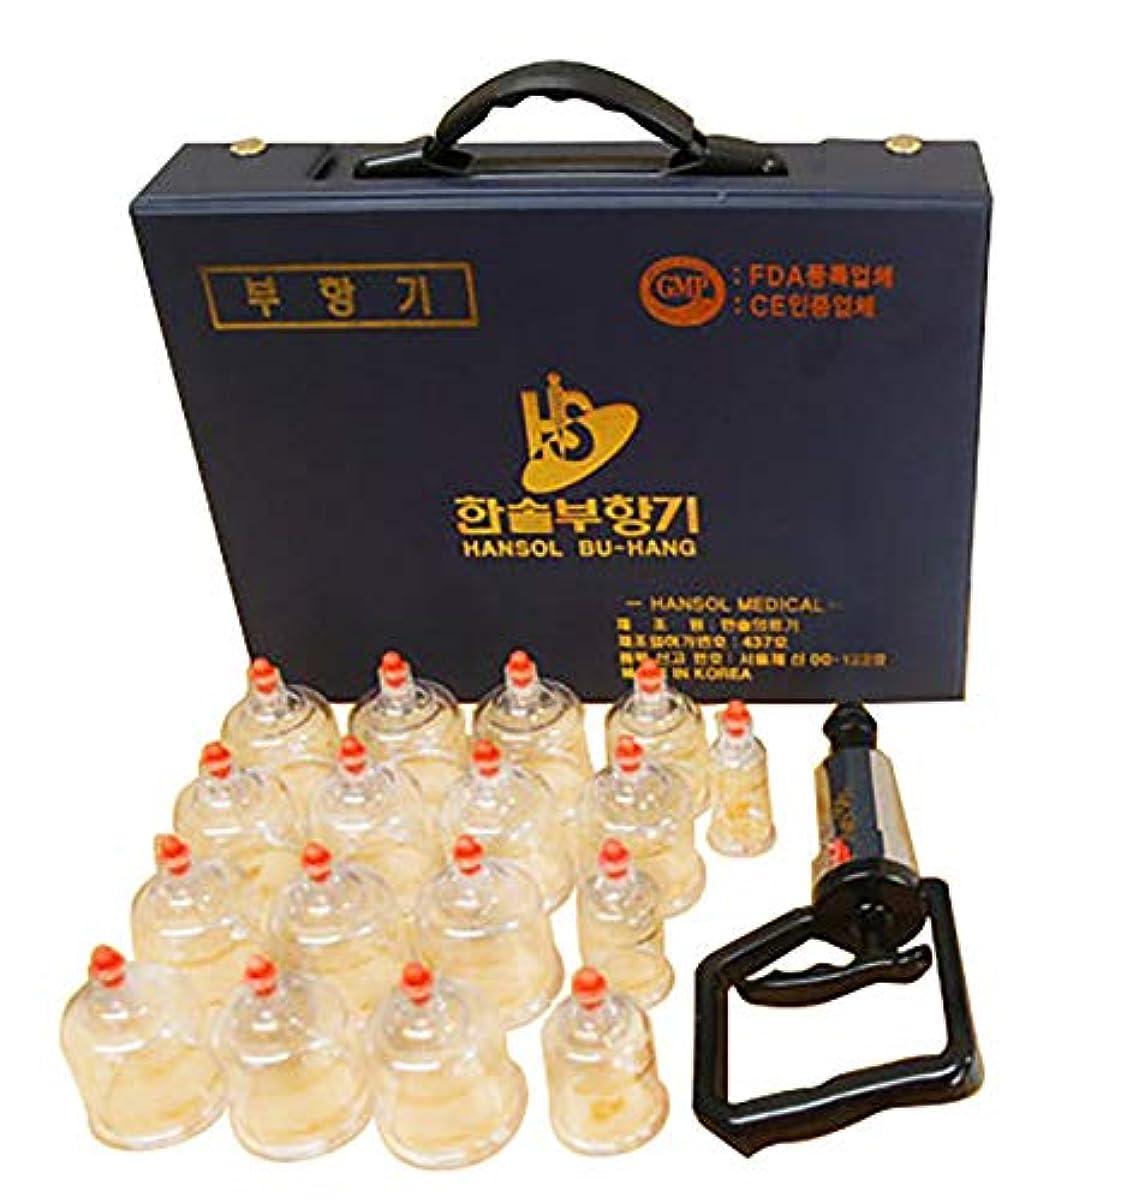 推進上流のオートメーション中国四千年の健康法「吸玉」がご家庭で手軽にできる!ハンソルメディカル ブハン カッピングカップ17個セット